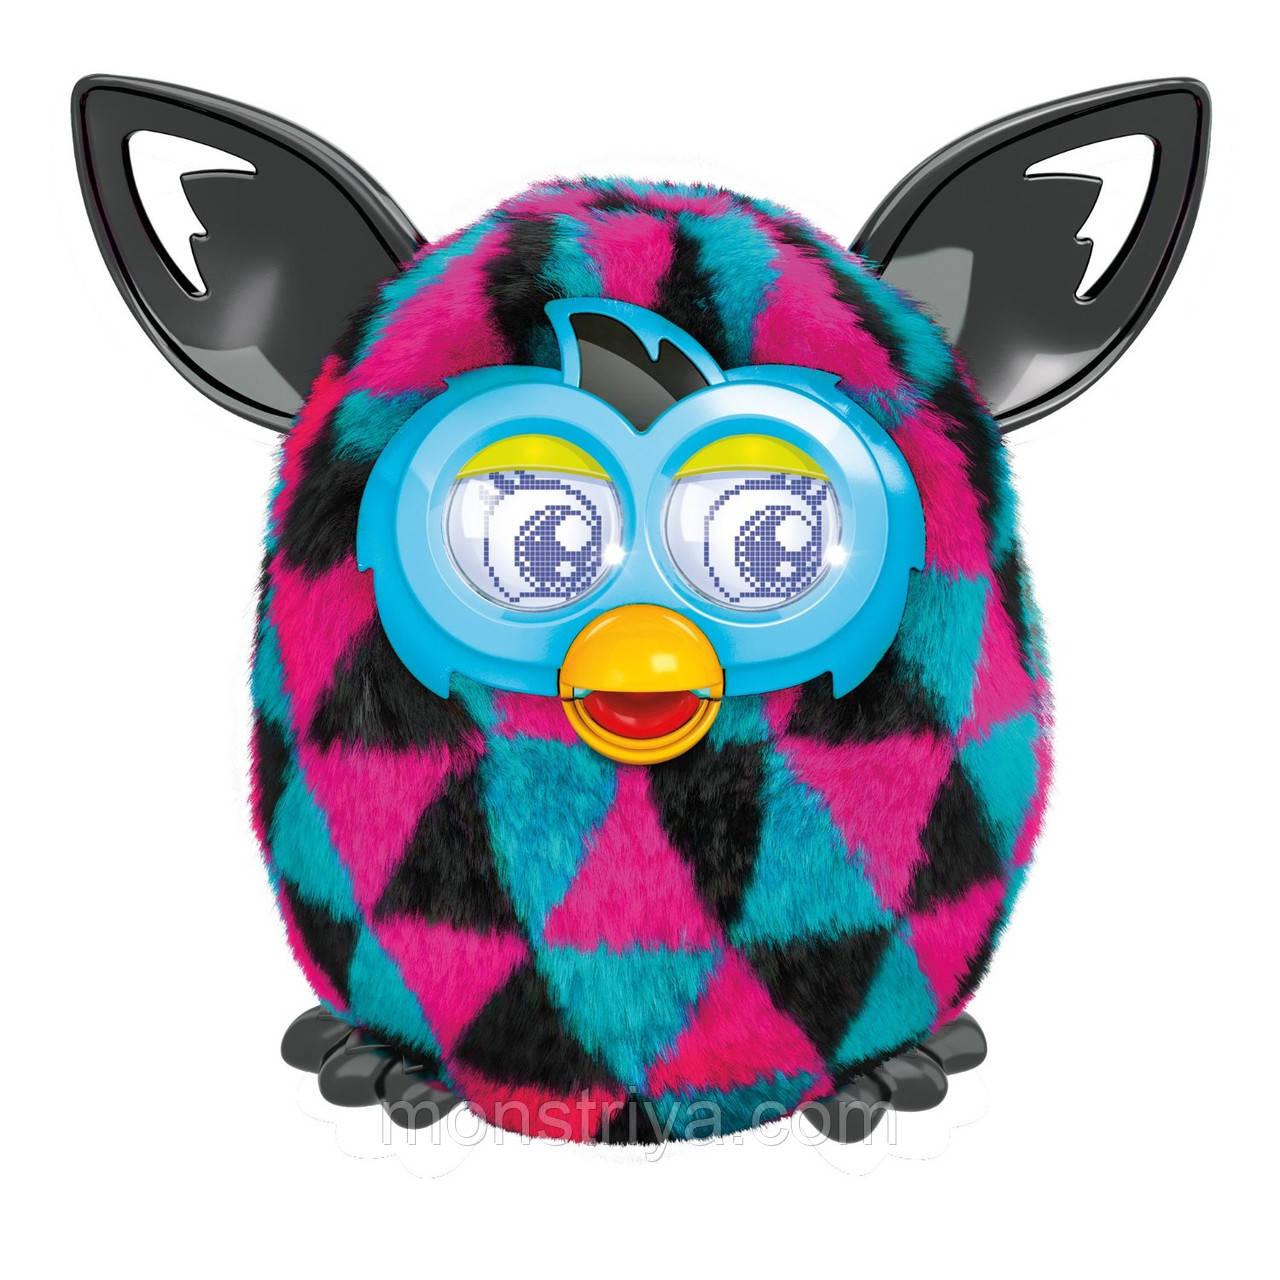 Ферби Бум Интерактивная игрушка Furby Boom треугольники.